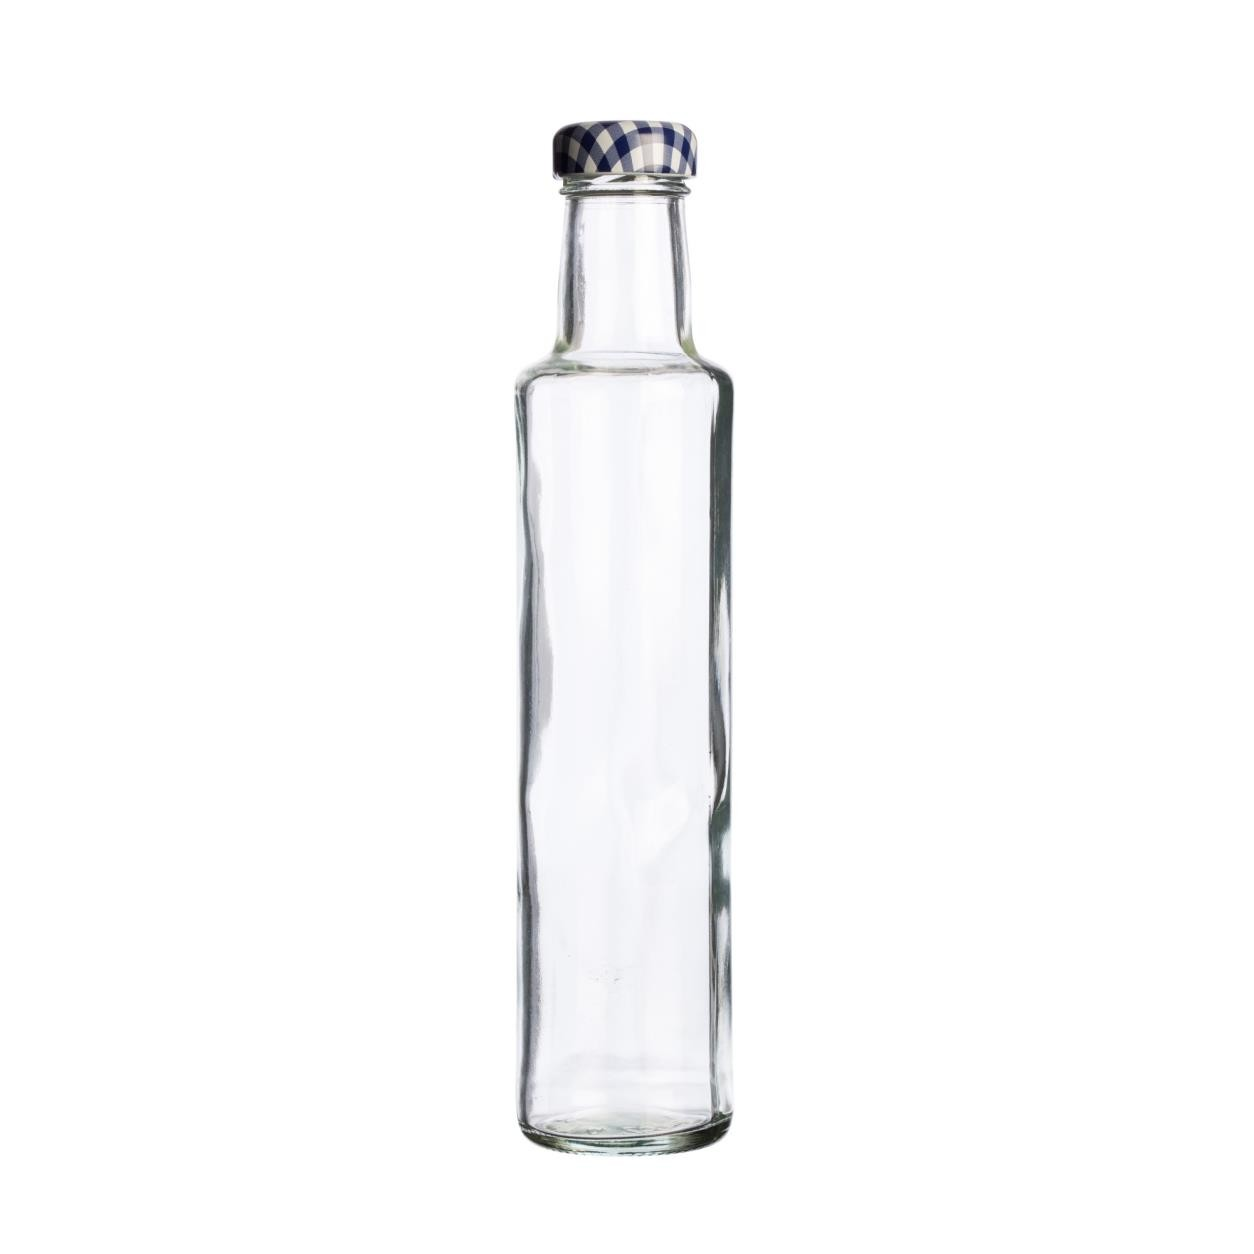 KILNER kulatá láhev na dressing 250 ml, šroubovací - Kilner